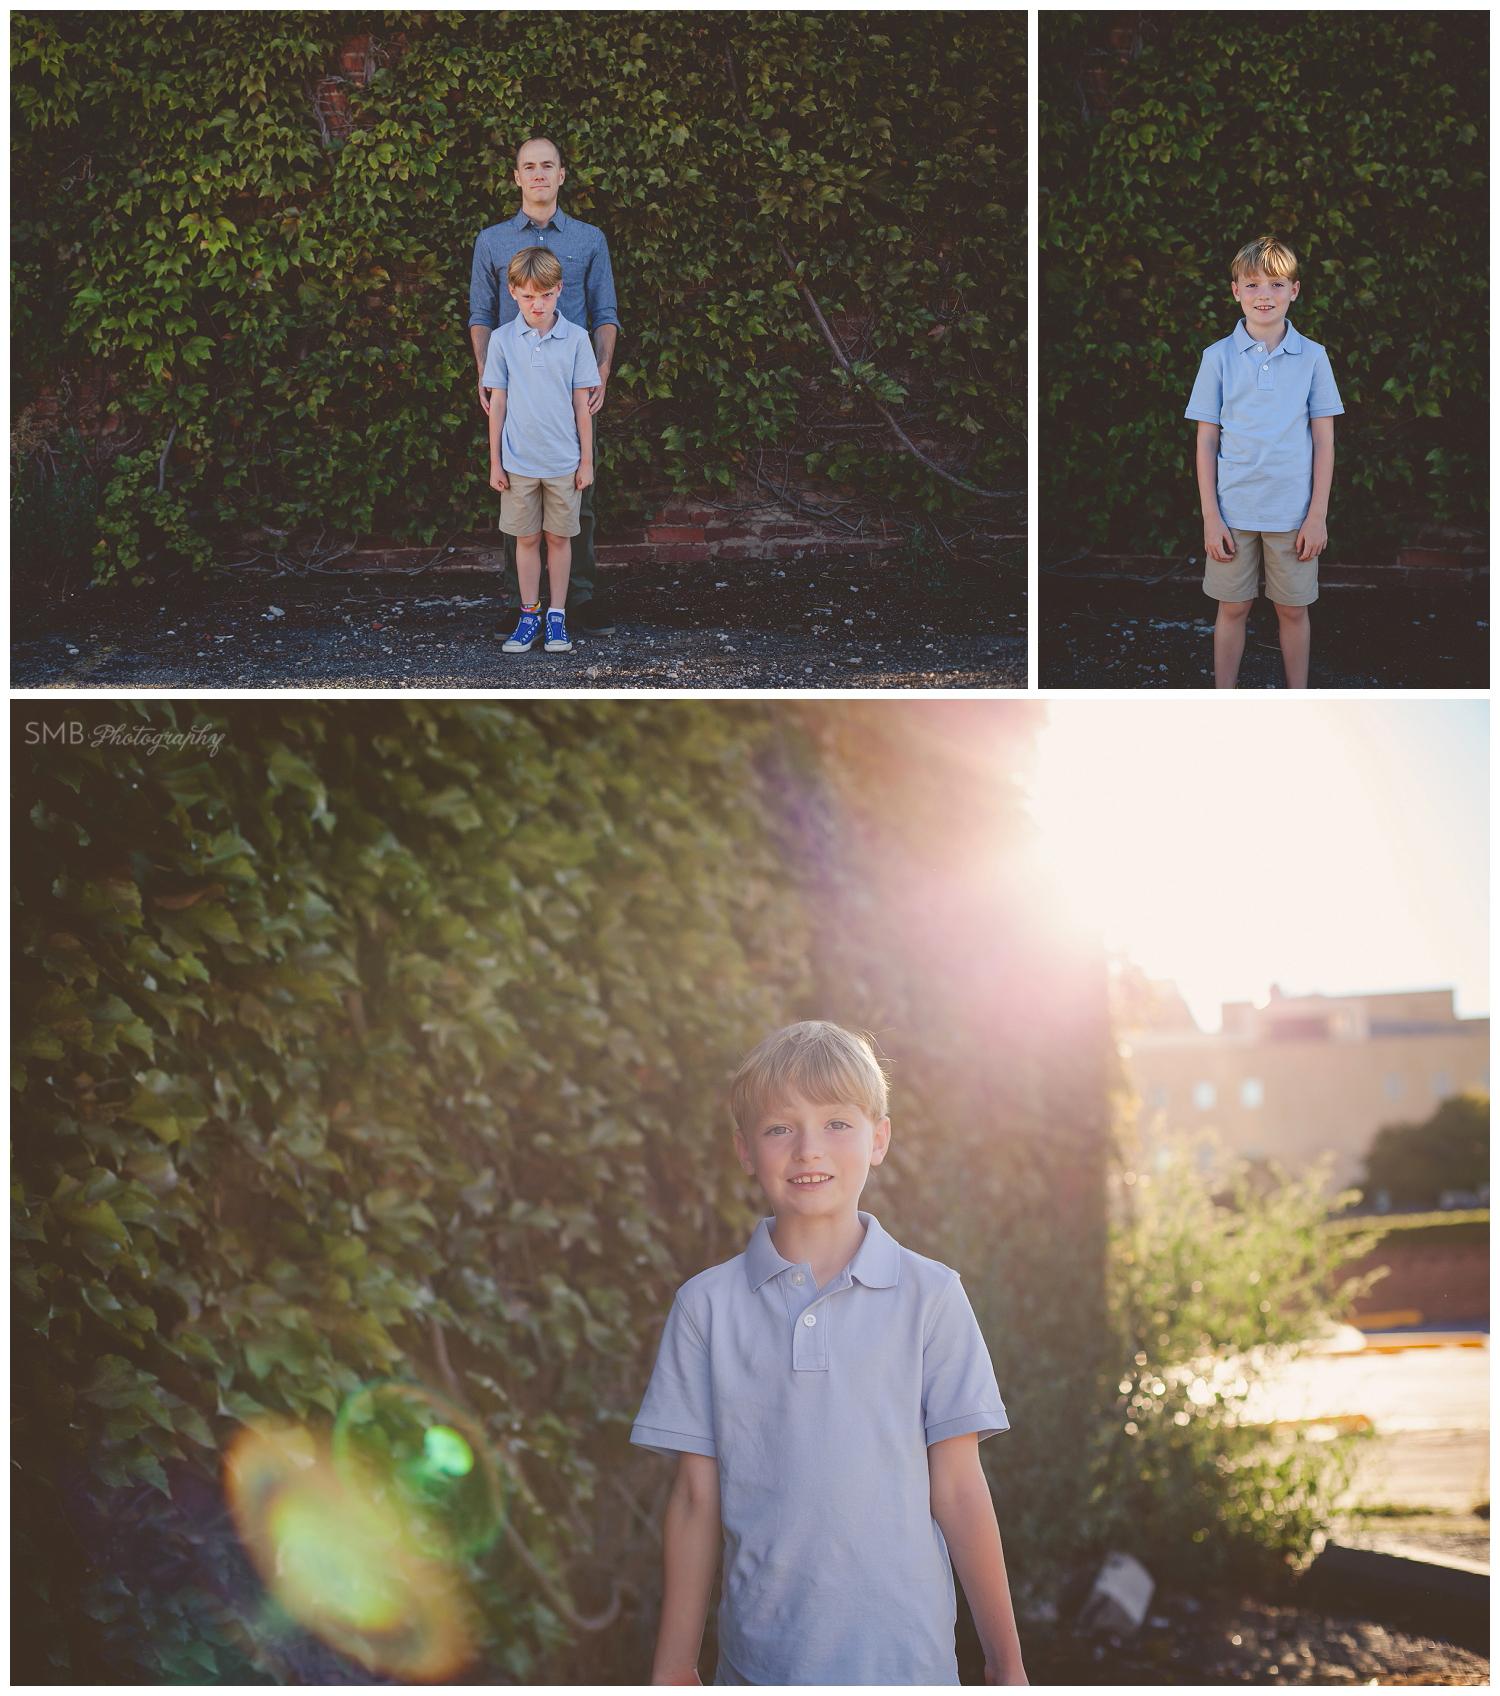 Oklahoma City Family Photographer   The R Family   SMB Photography